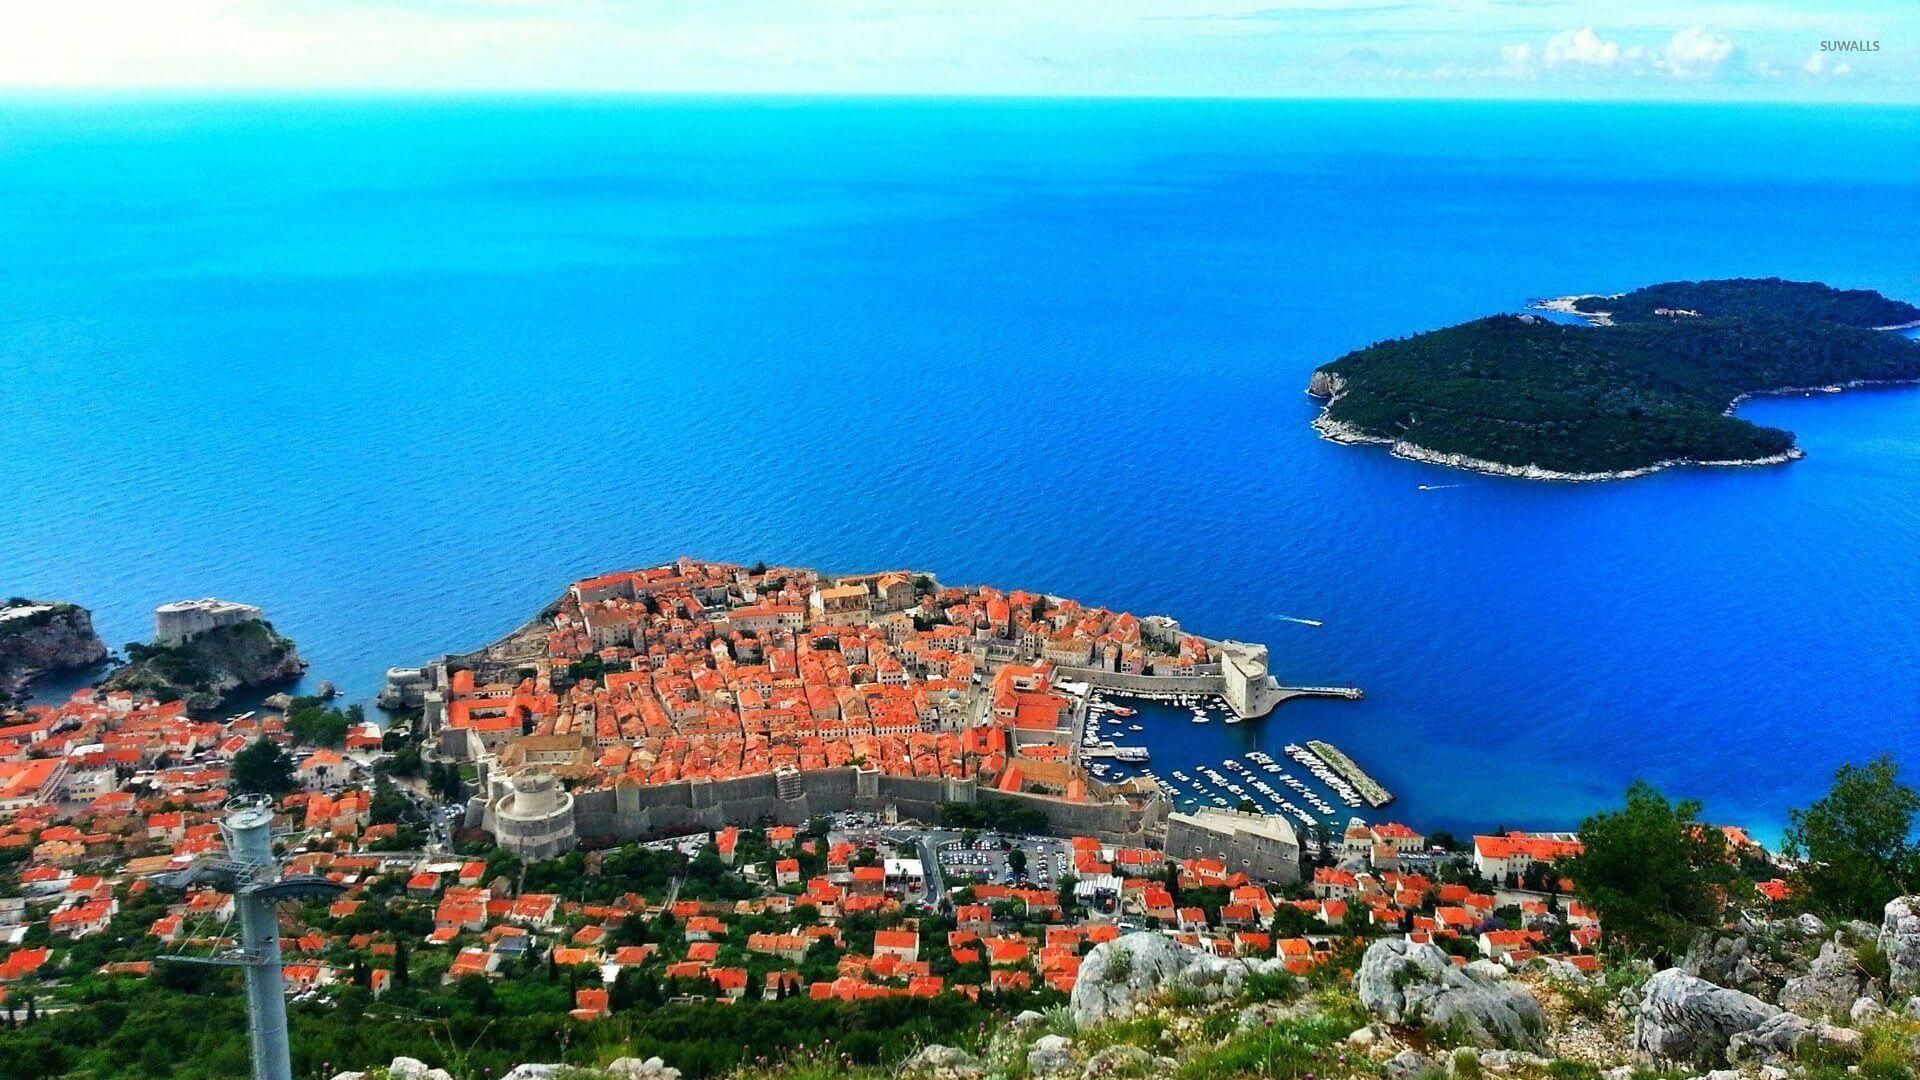 Авиабилет открывающий мир: почему так популярен хорватский Дубровник